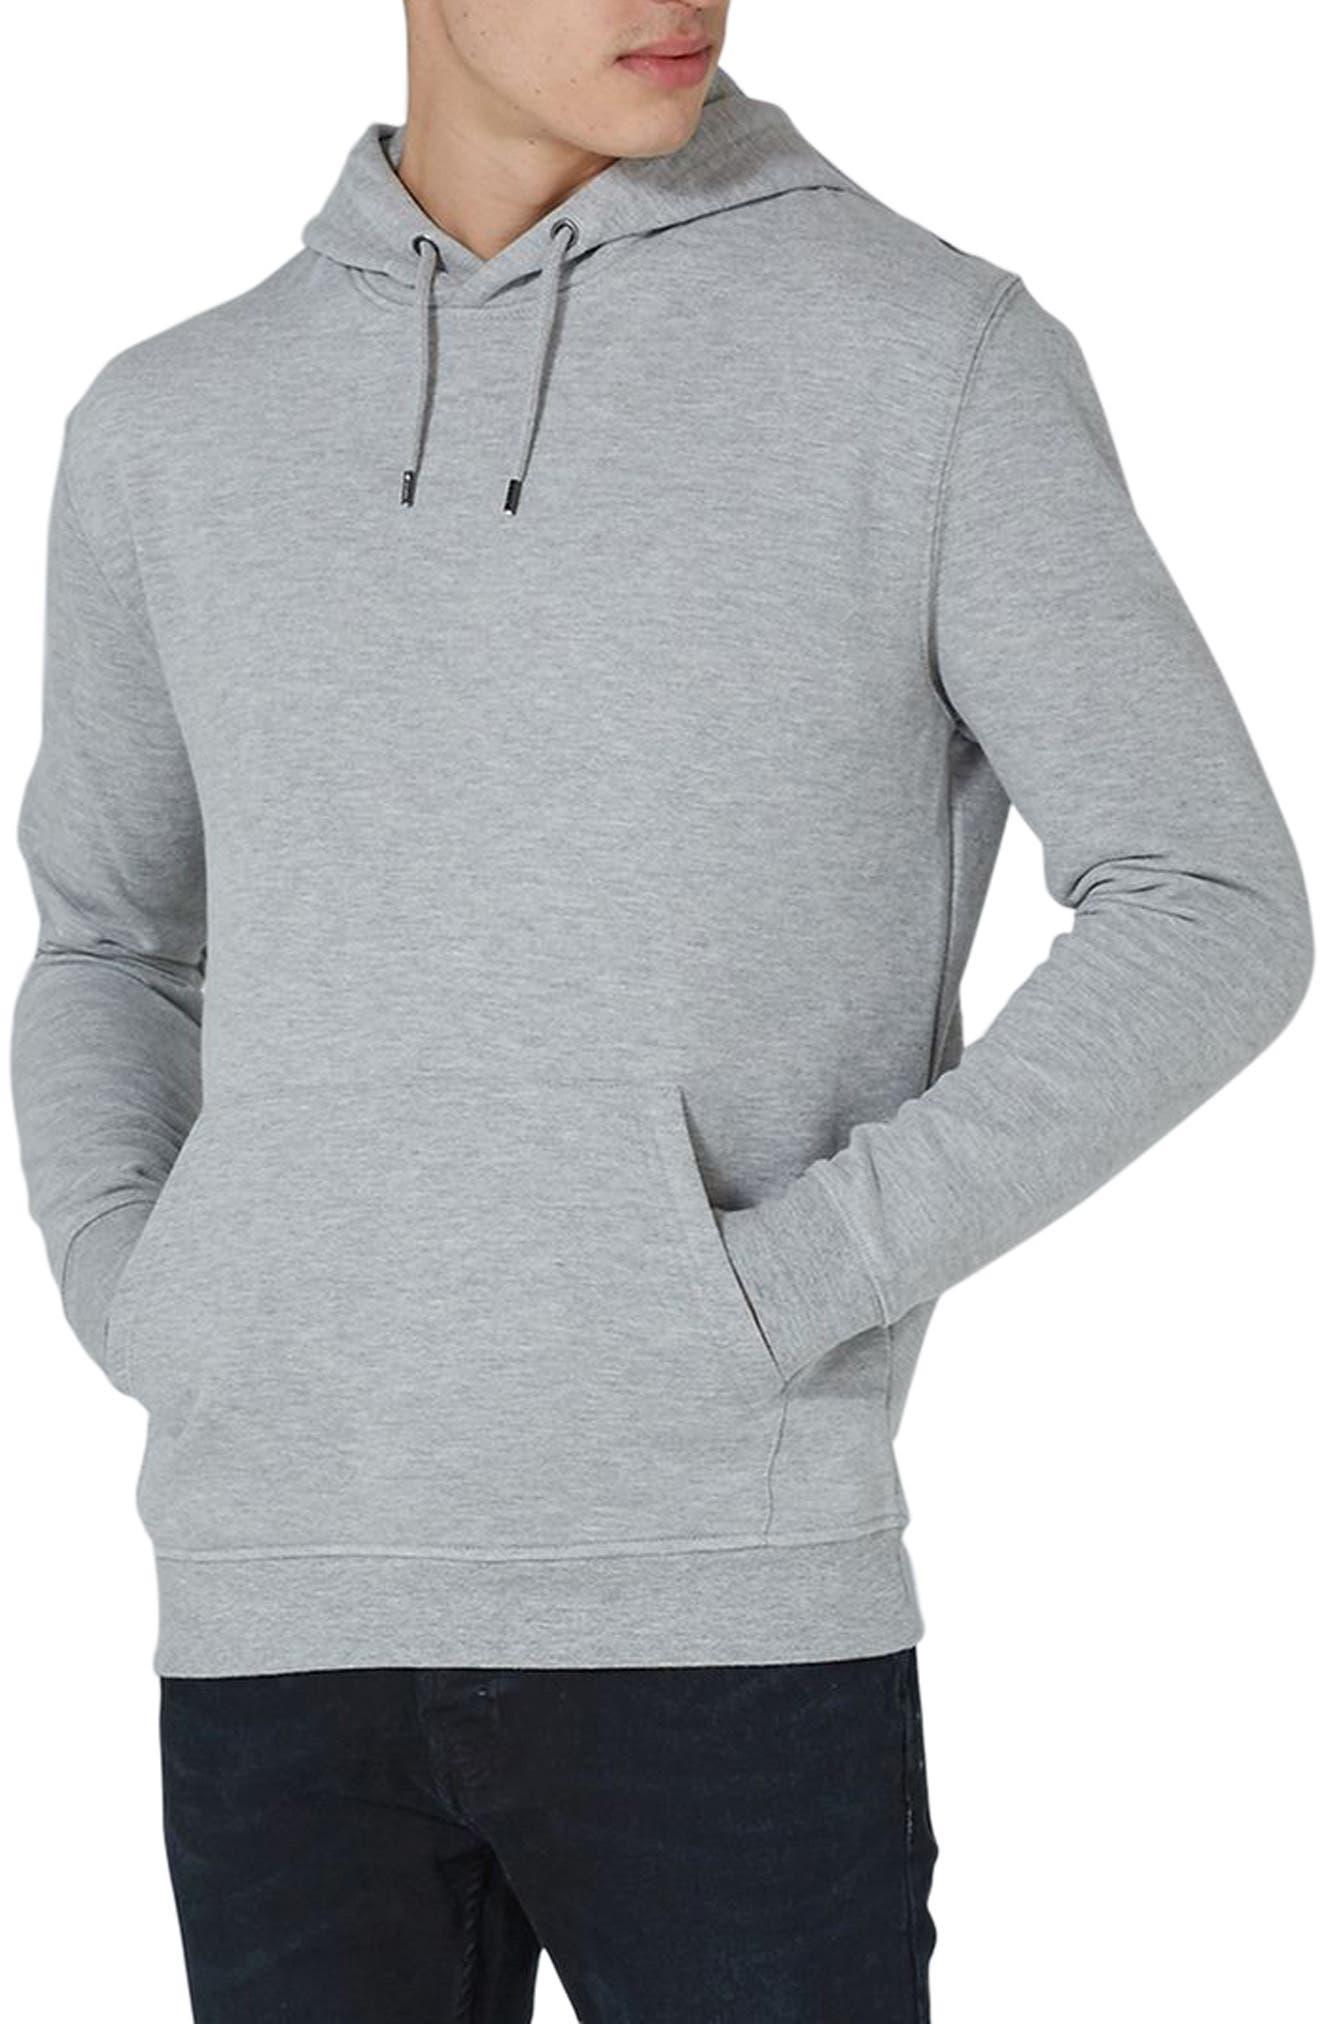 Topman Sweaters & Sweatshirts | Nordstrom